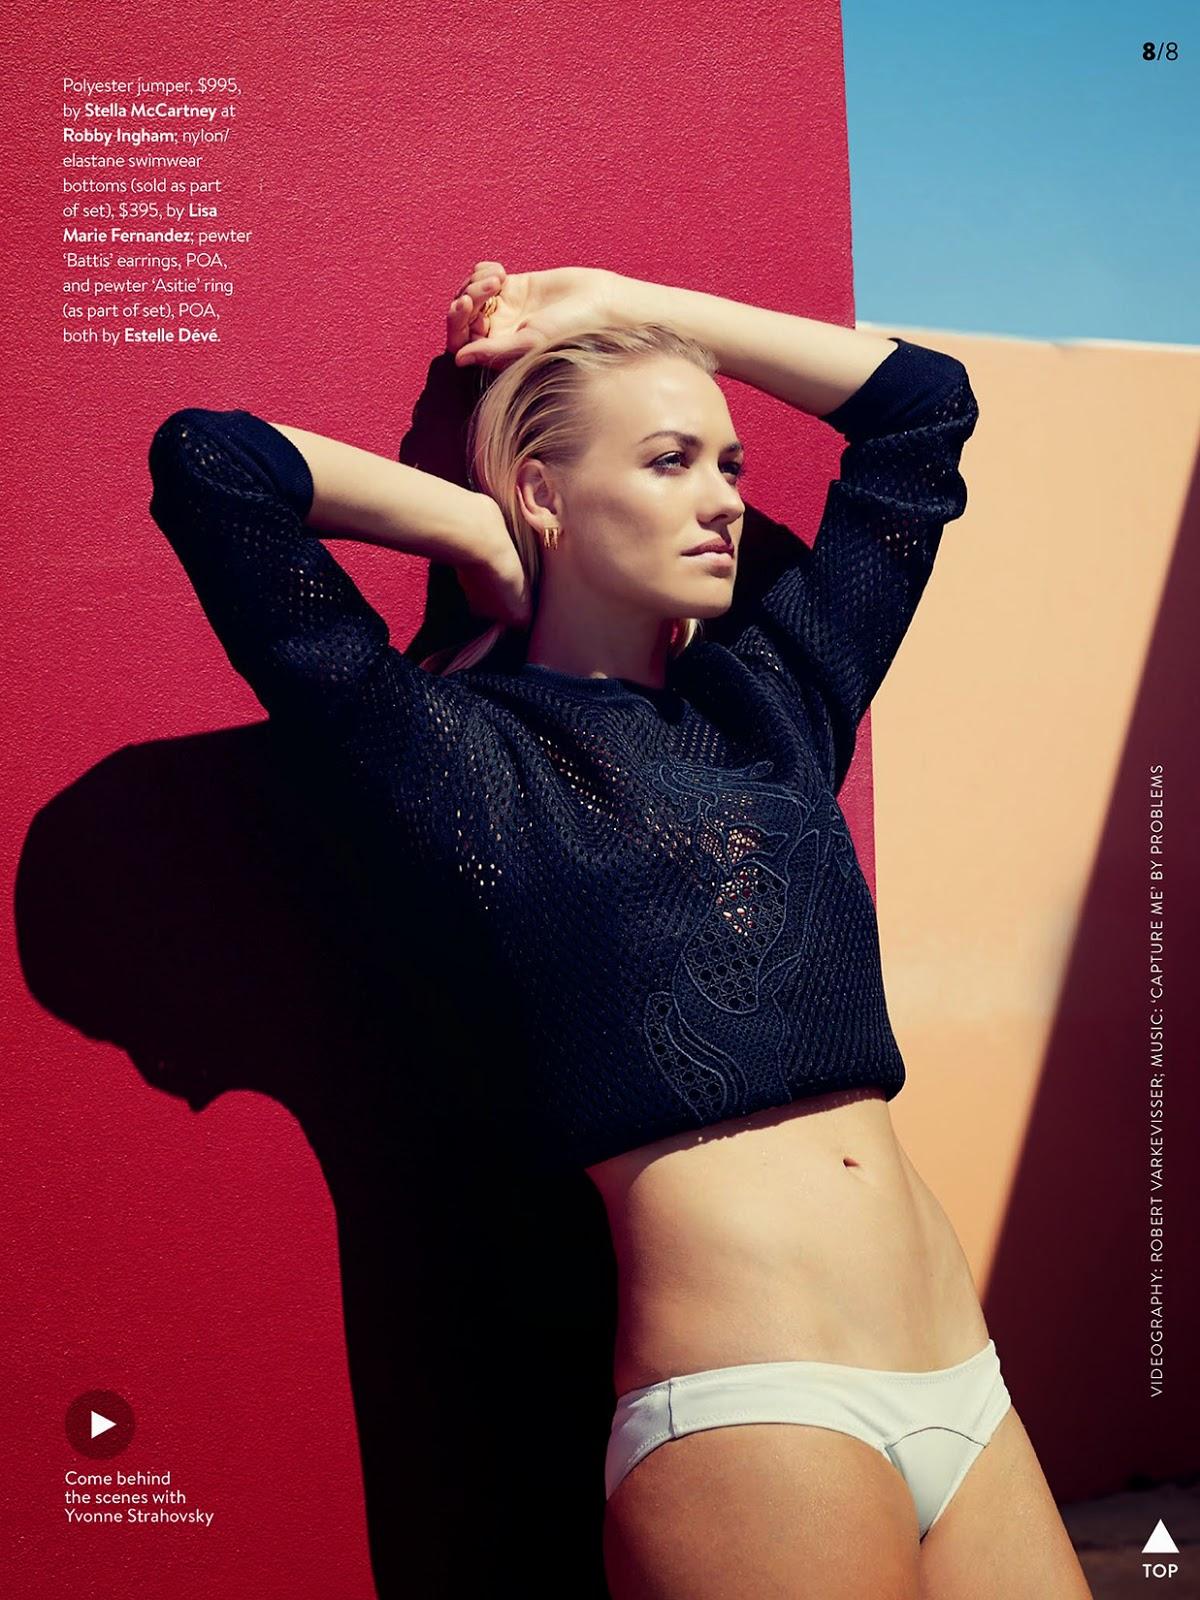 Fashion Dexter Alum Yvonne Strahovski Poses For Gq Australia The Urban Alternative